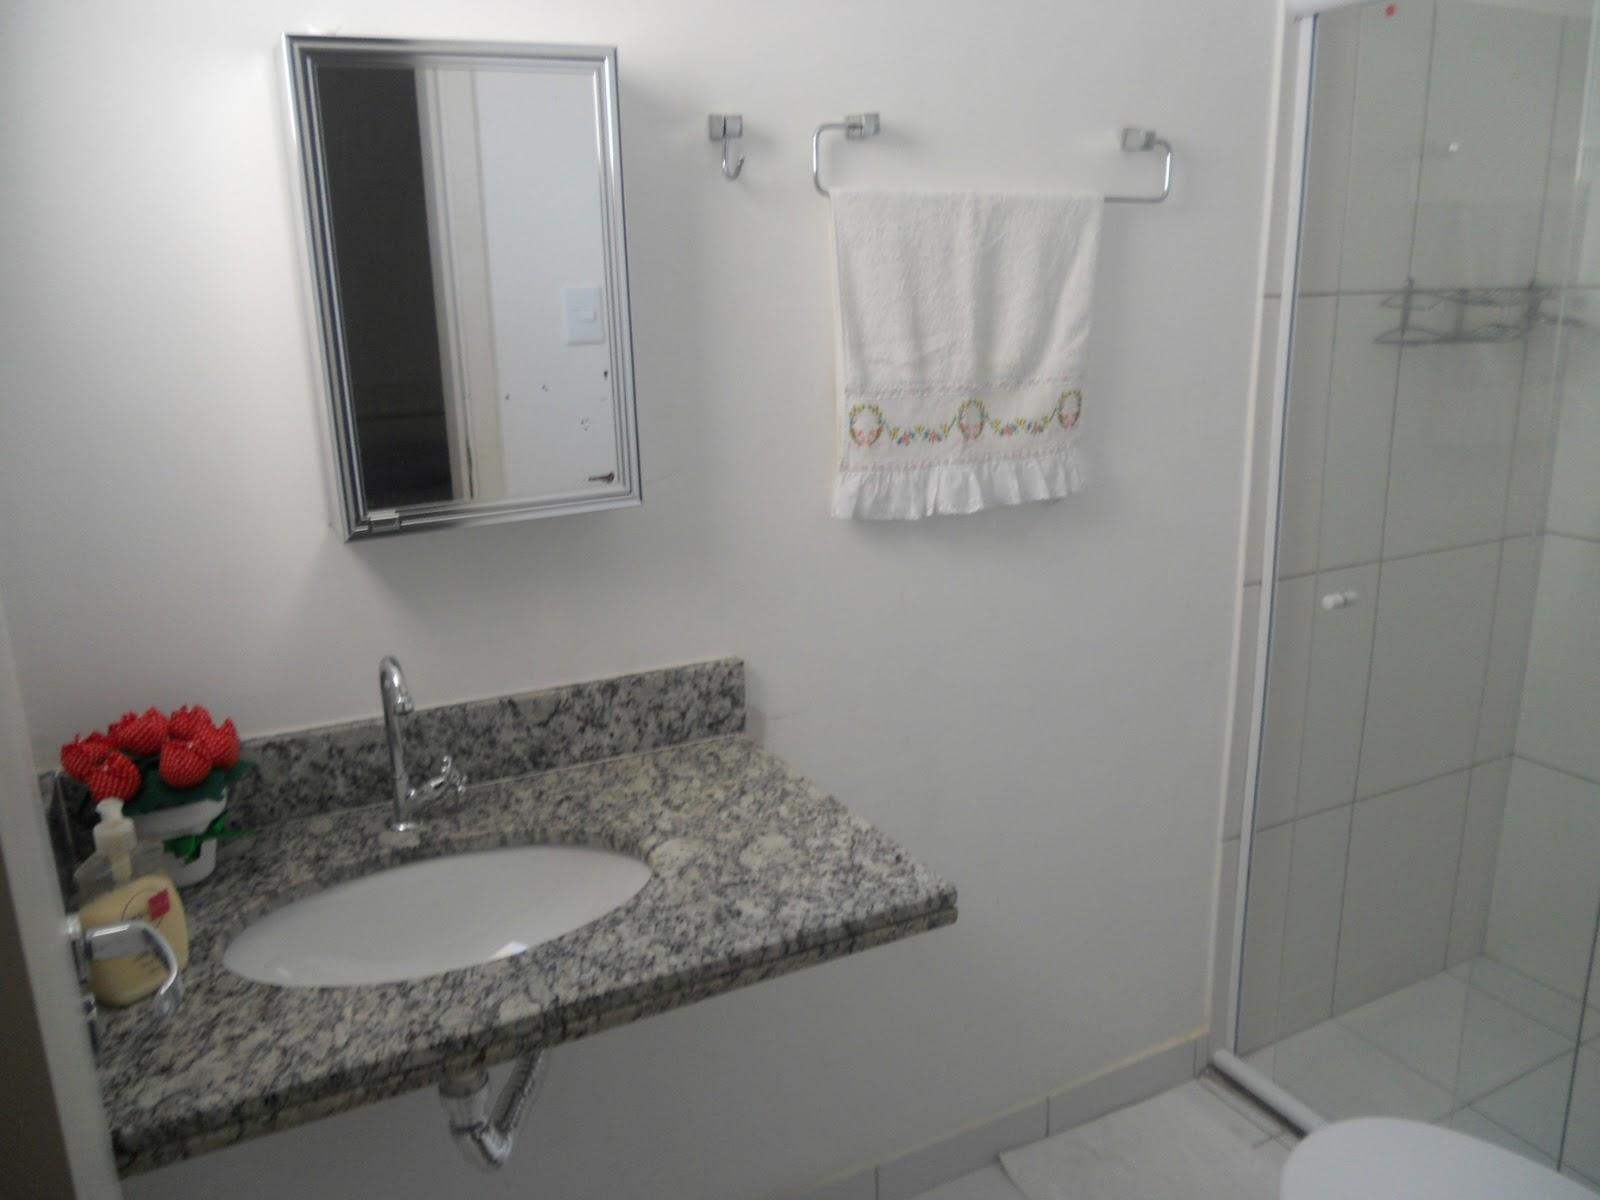 Reforma dos banheiros Social e Suíte: bancada com cuba; box em vidro  #6C2928 1600 1200